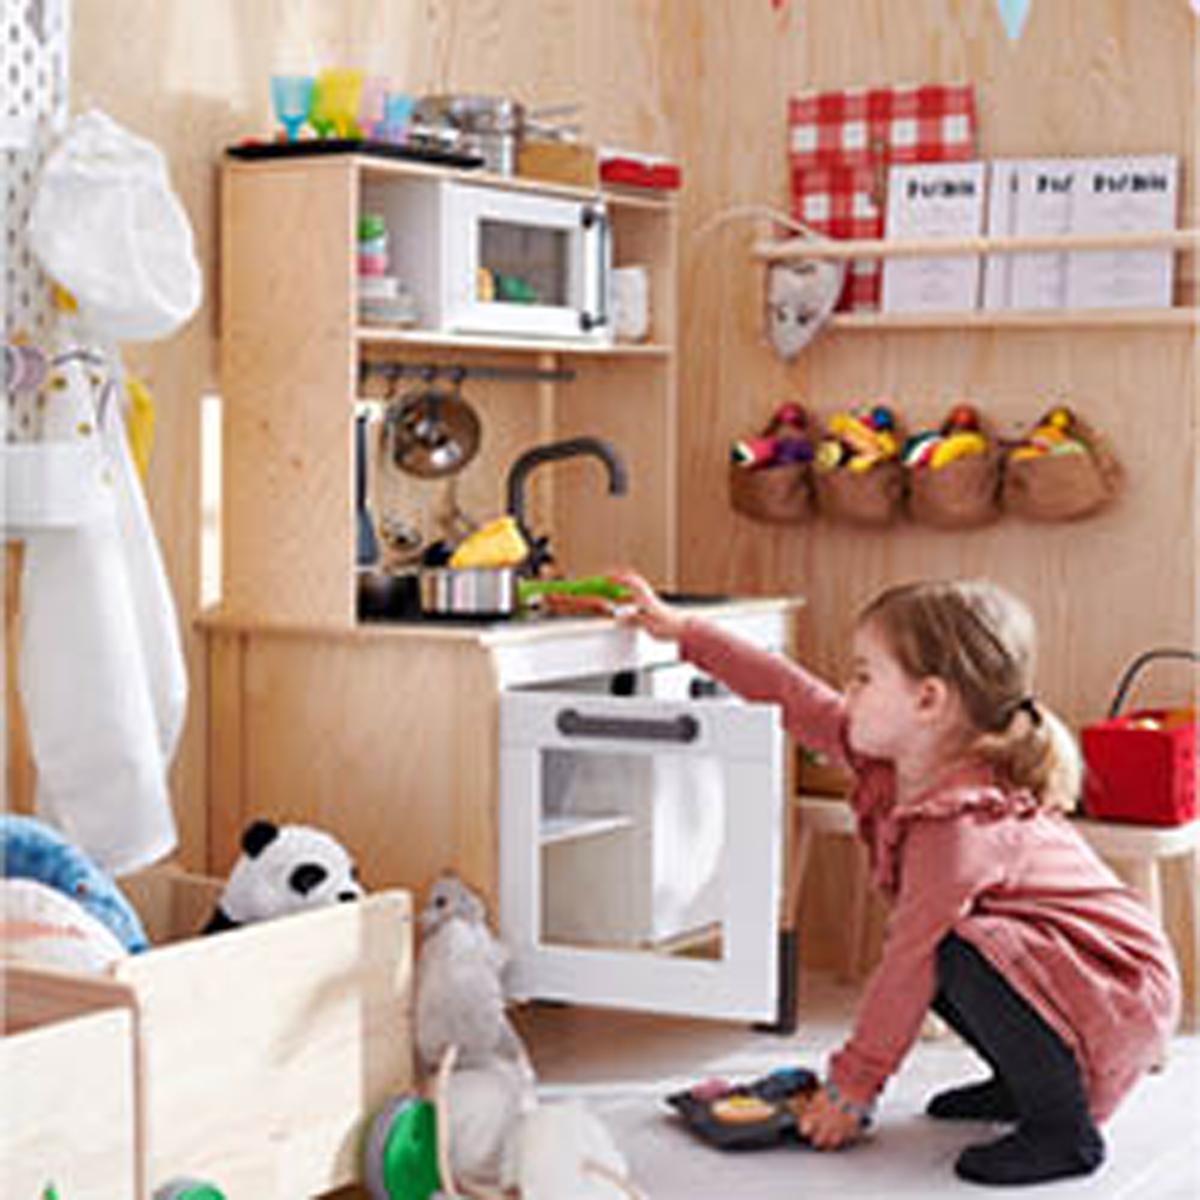 *終了*2020/02/27 IKEA FAMILYイベント Mums Café 『考えよう&話してみよう。子どもの住まいと暮らし~子ども部屋ってどうしてる?』